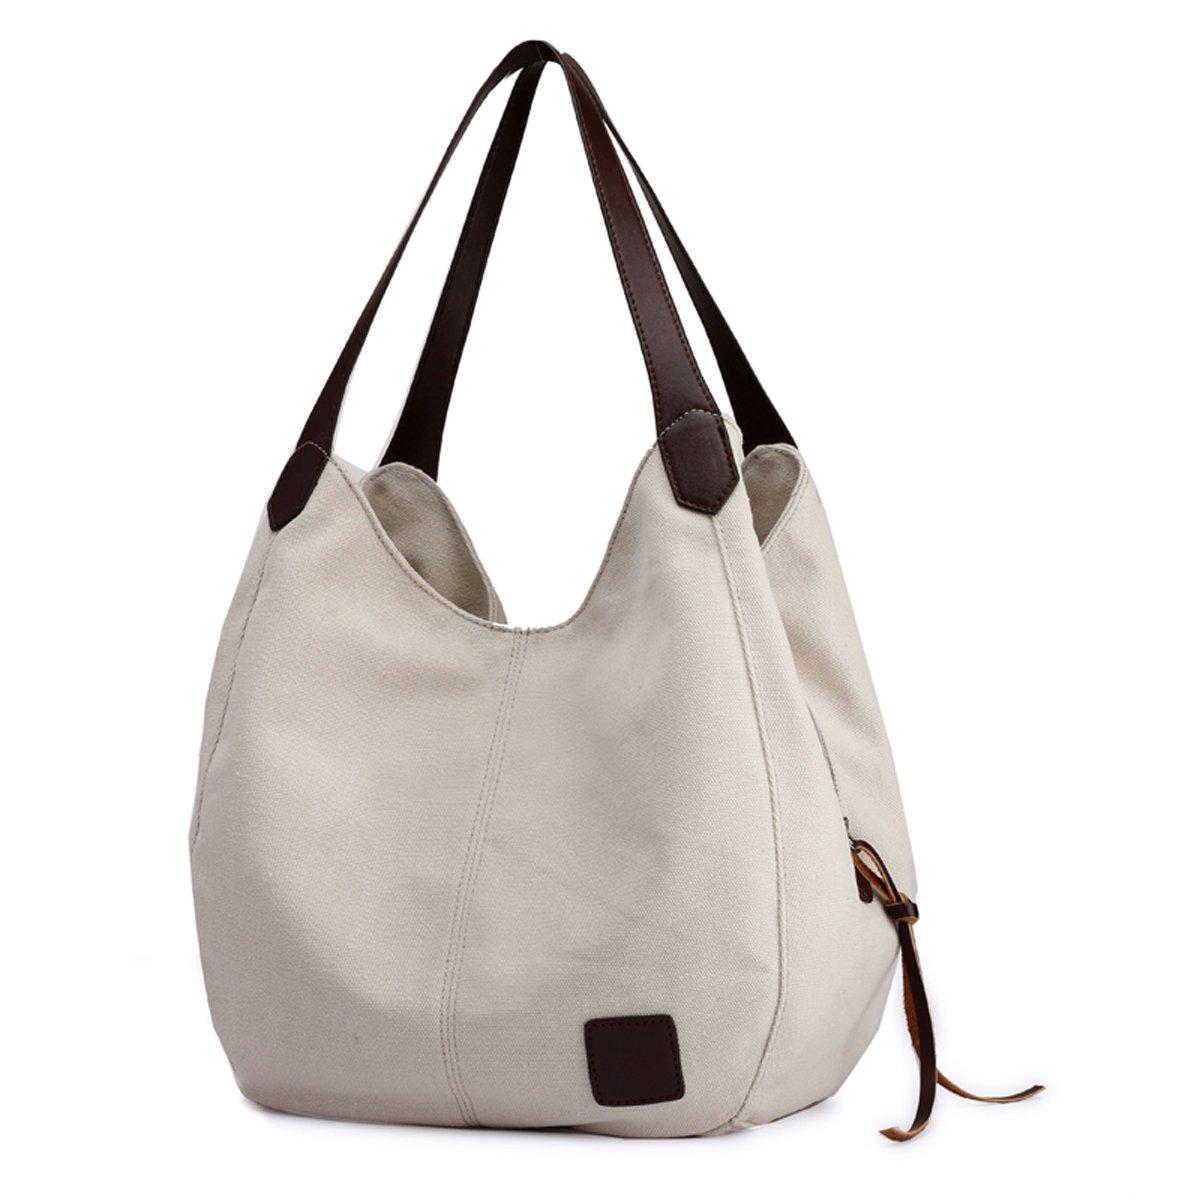 77b3b145c21c6 Hiigoo Fashion Women's Multi-pocket Cotton Canvas Handbags Shoulder Bags  Totes Purses (Beige): Amazon.ca: Shoes & Handbags